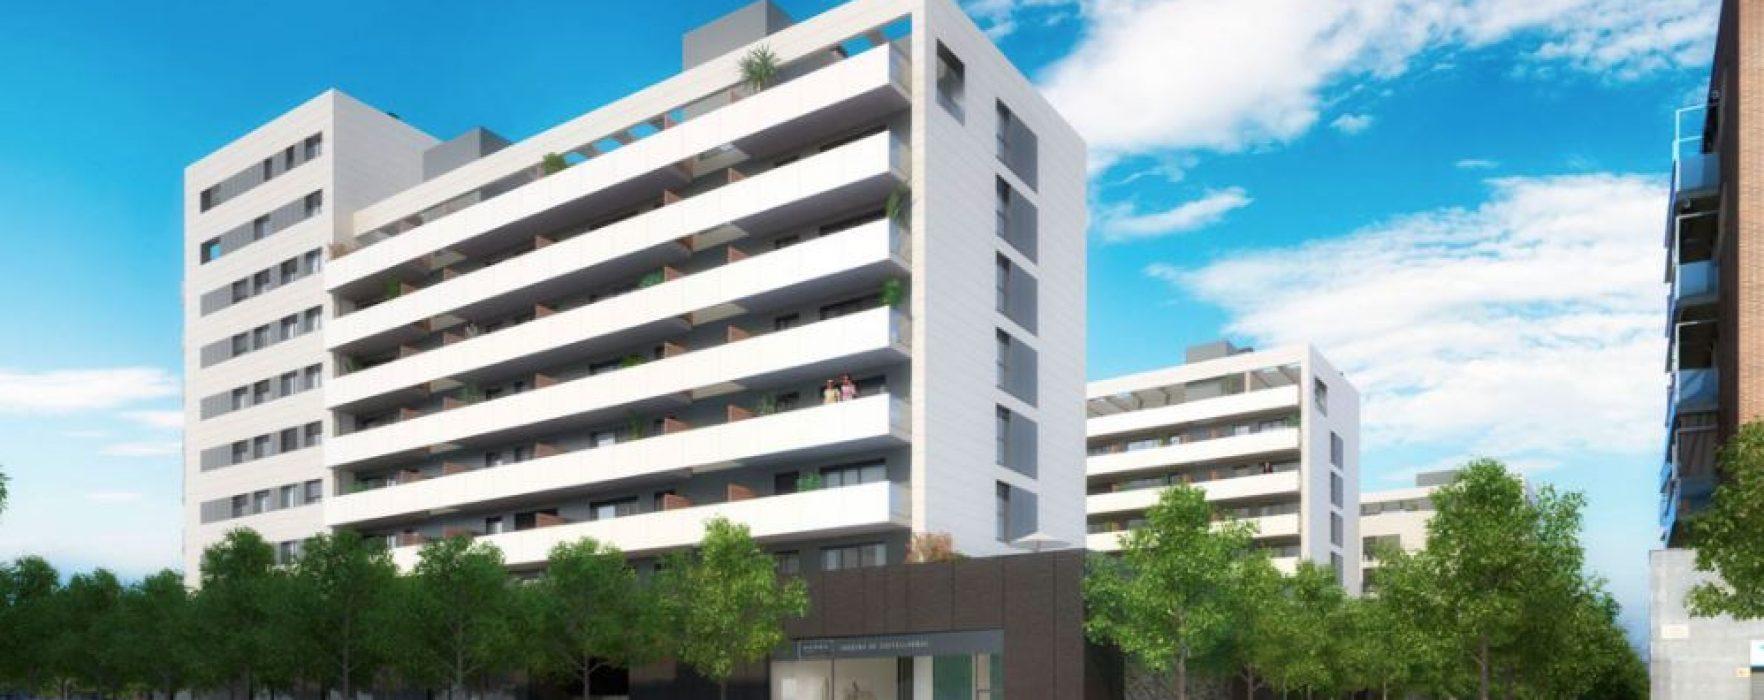 Sabadell, el lugar perfecto para comenzar una nueva etapa en familia